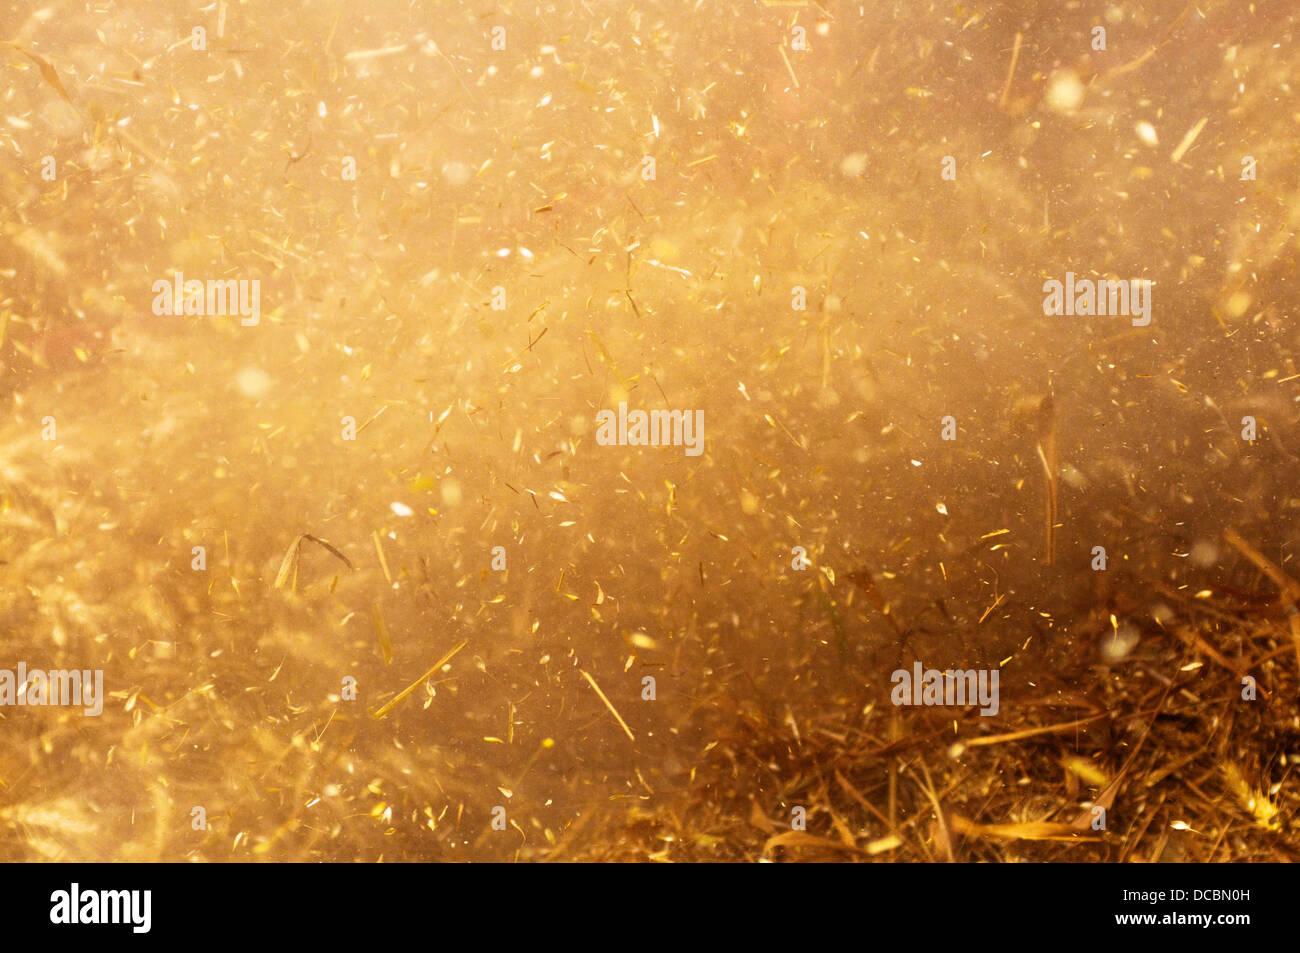 Weizen Ernte. Körner und Partikel von Weizen explodiert um bei der Ernte. Stockbild